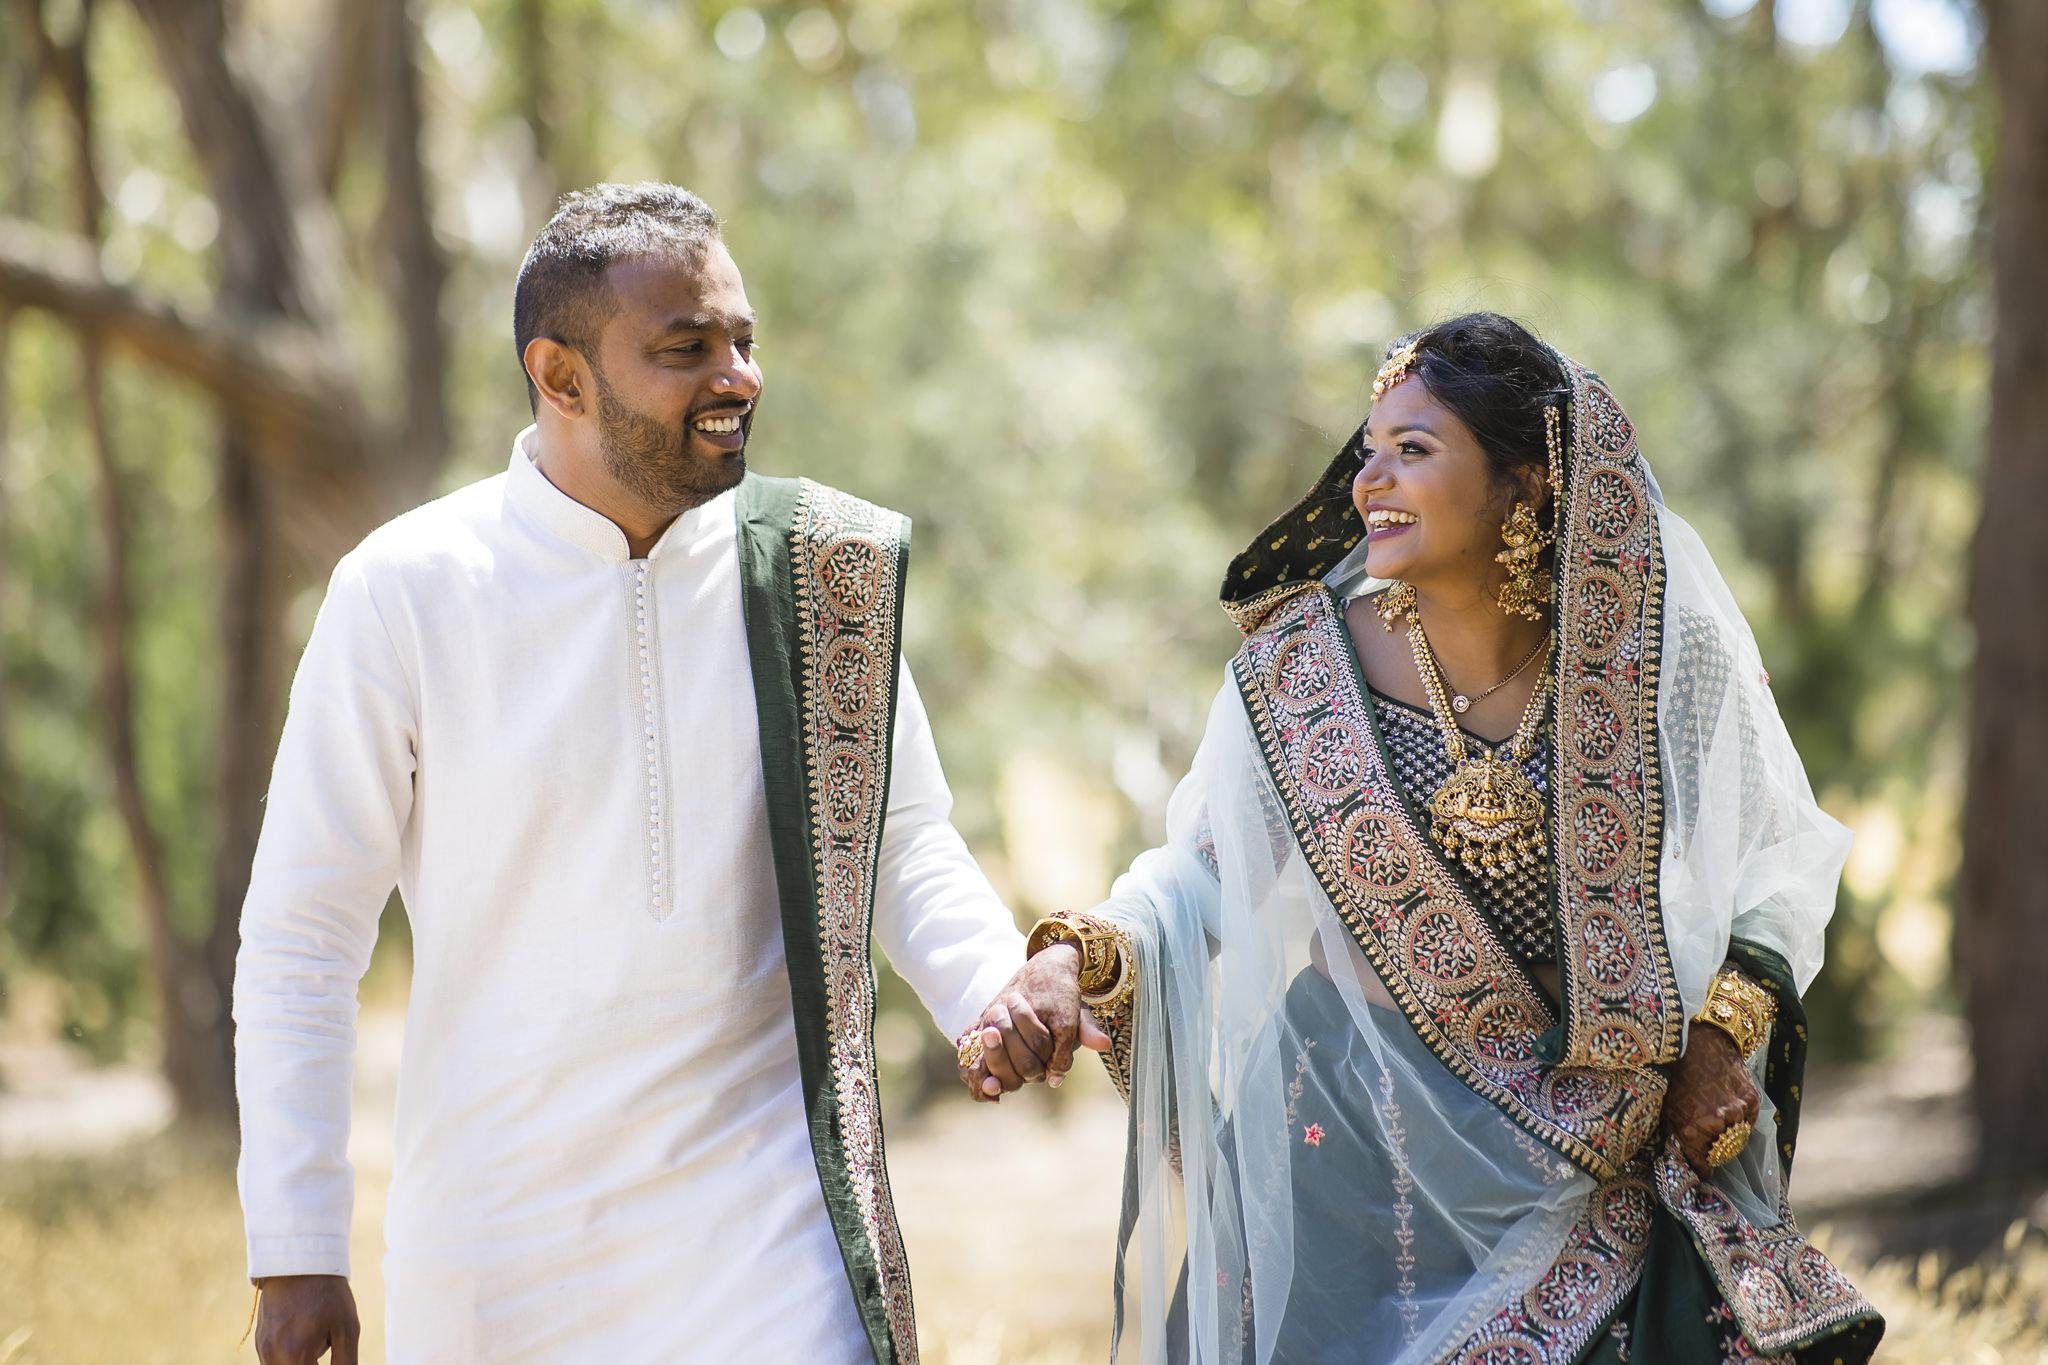 Vandna & Shiv's At Home Haldi & Mehndi Wedding In Daylesford